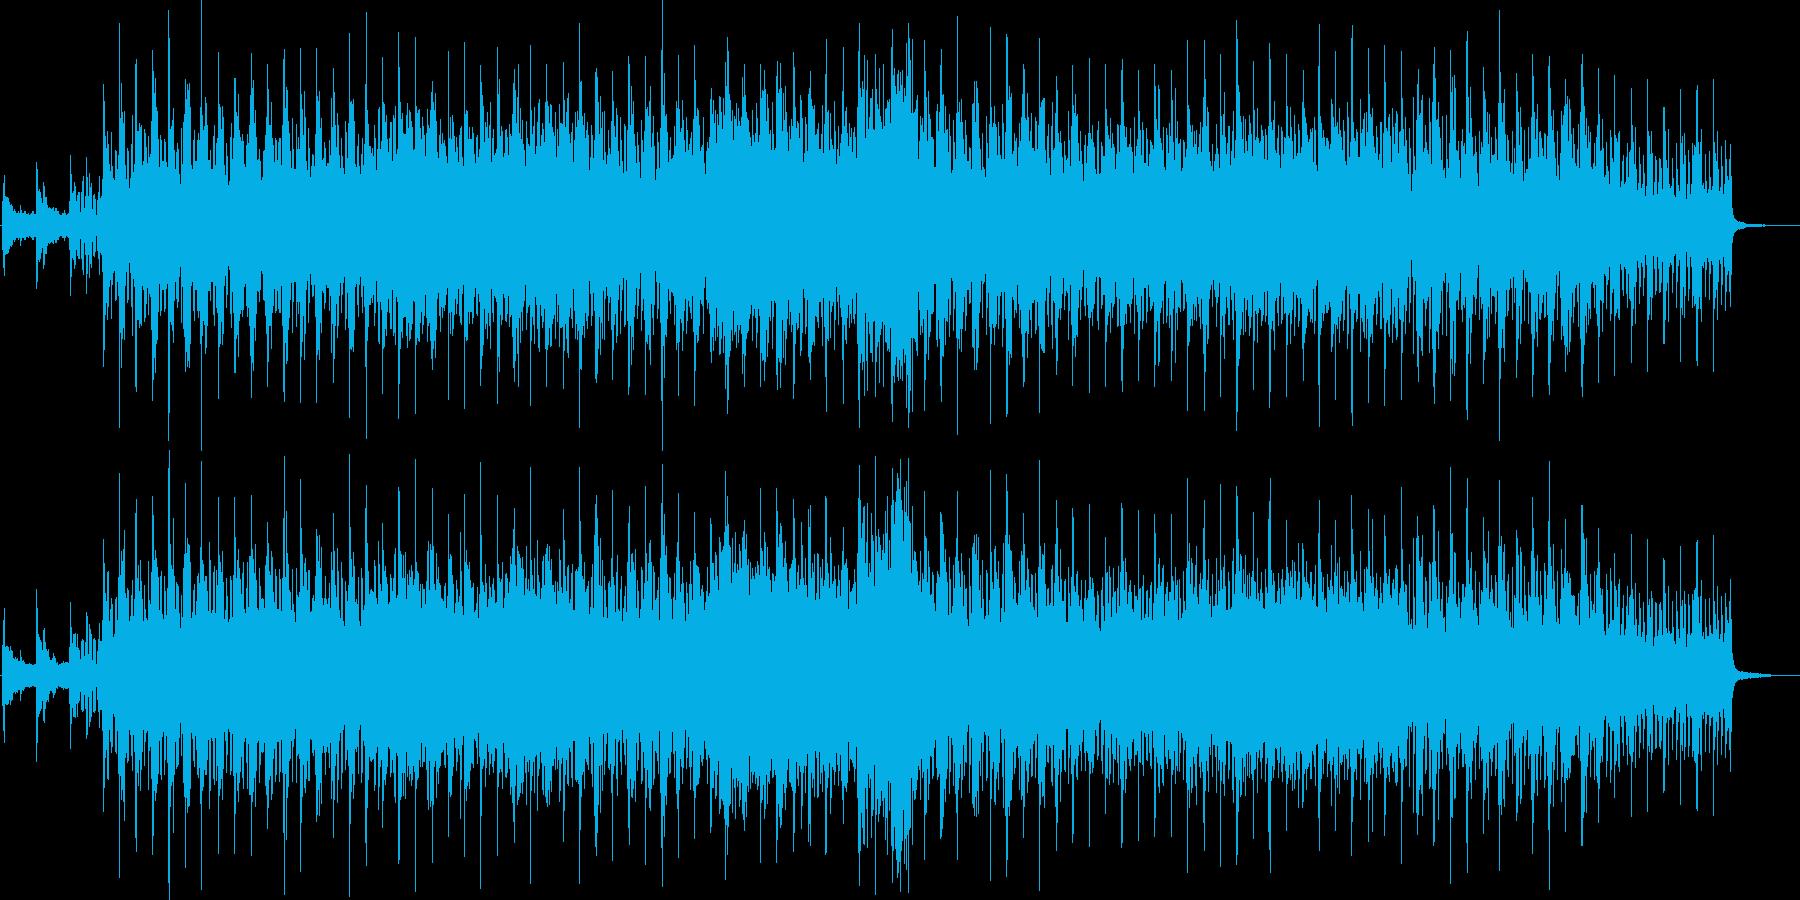 アコギと幻想的なハミングが特徴のバラードの再生済みの波形